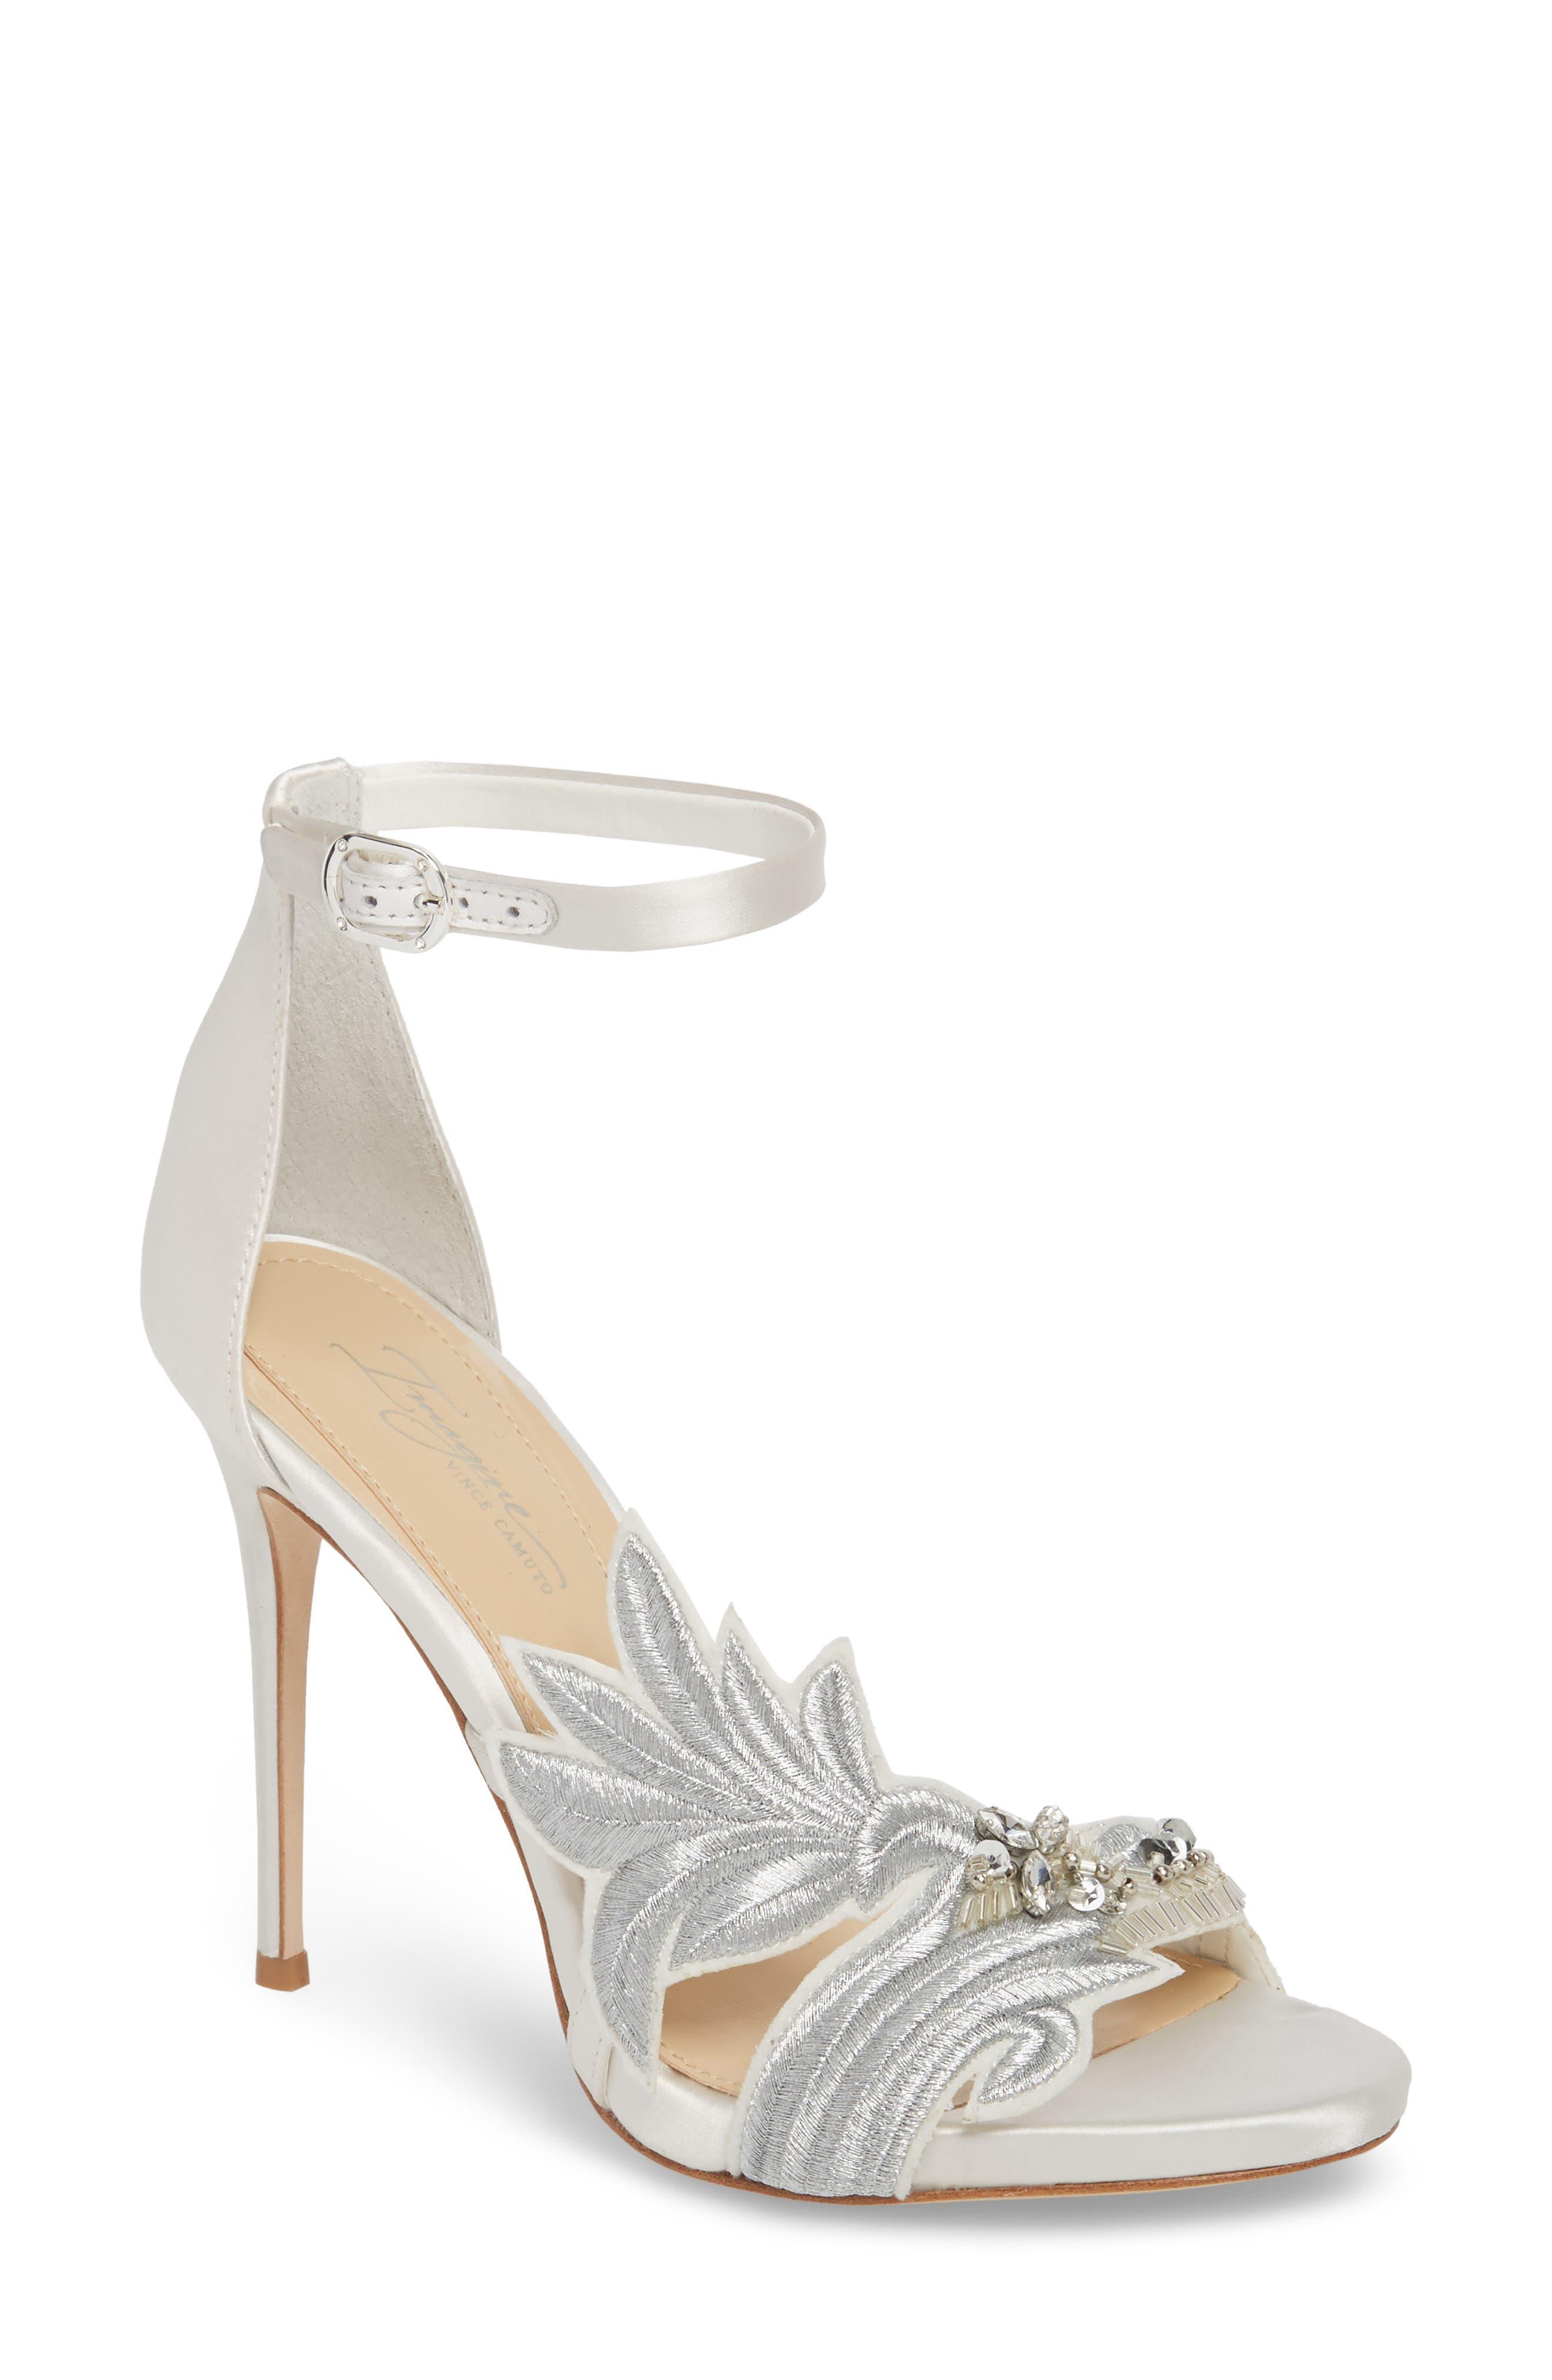 Imagine Vince Camuto Dayanara Embellished Sandal, White